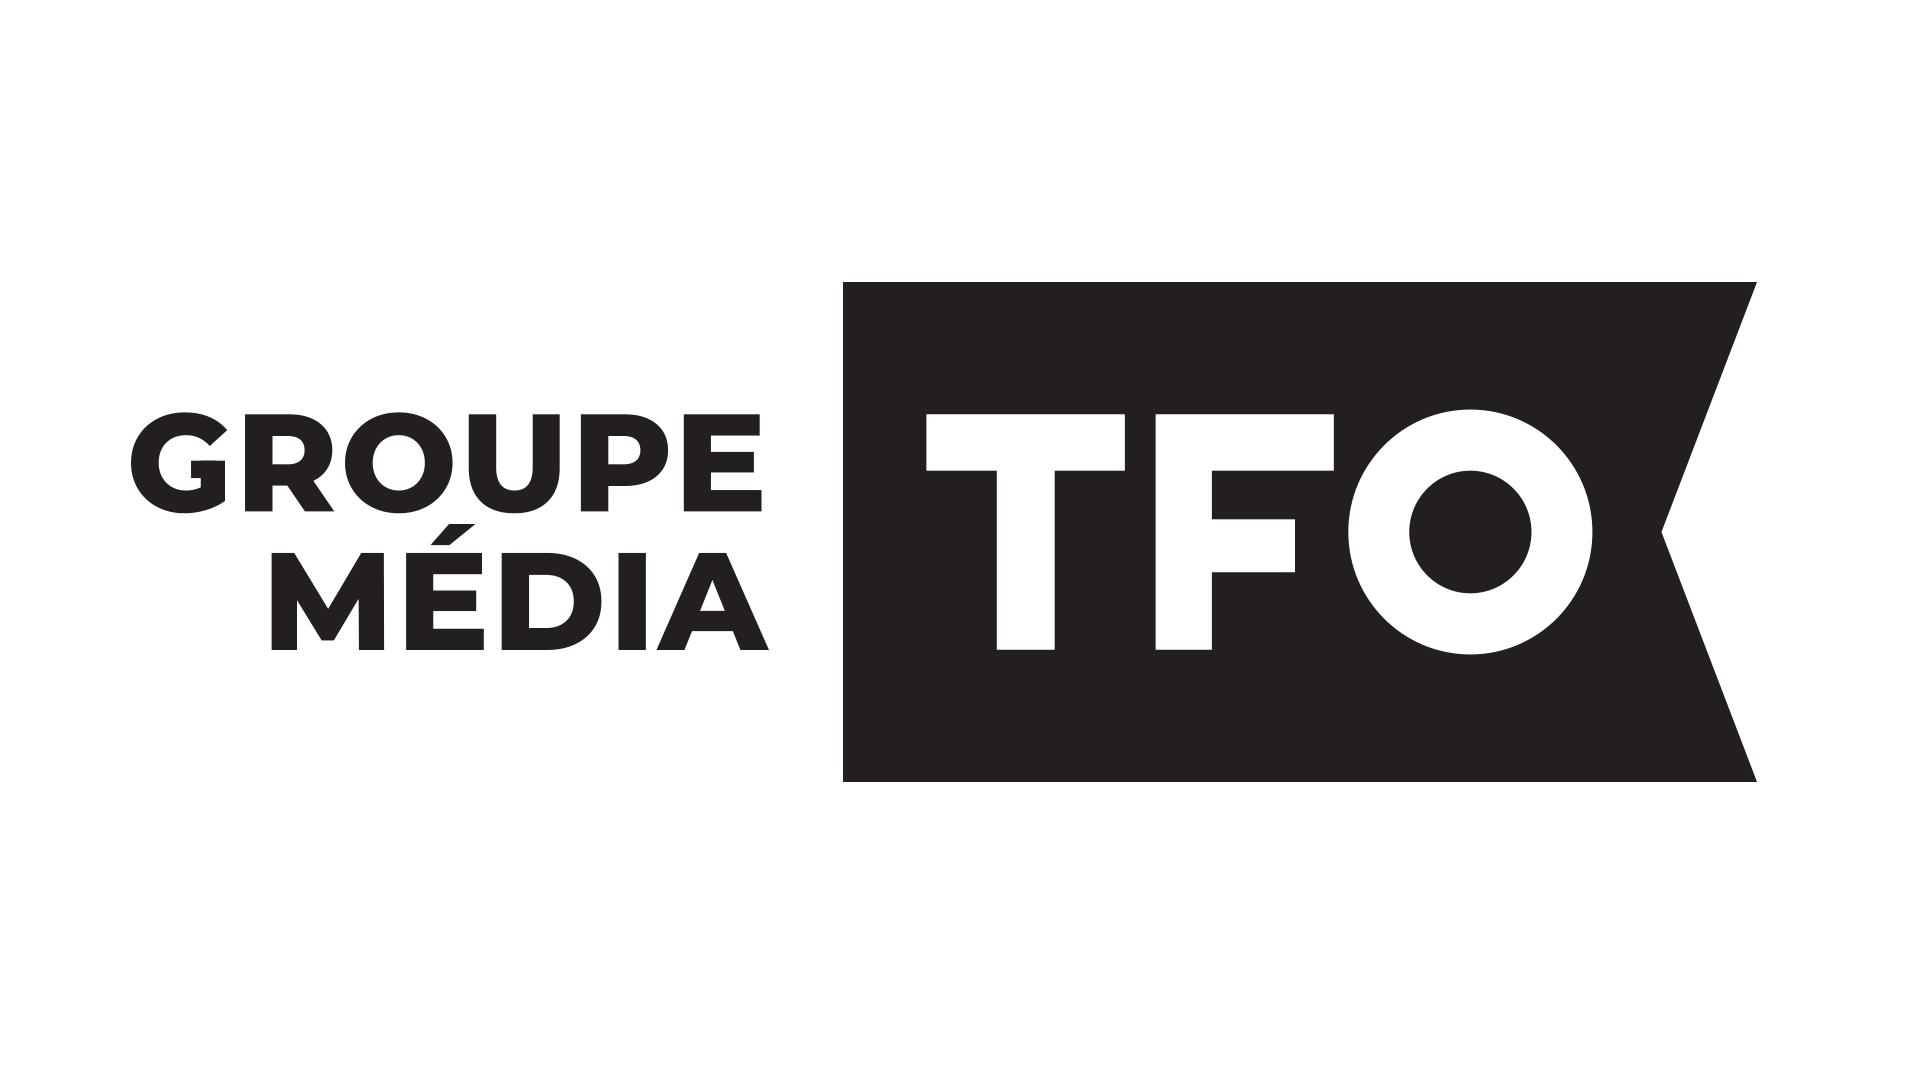 Se rendre sur le site de Groupe Média TFO